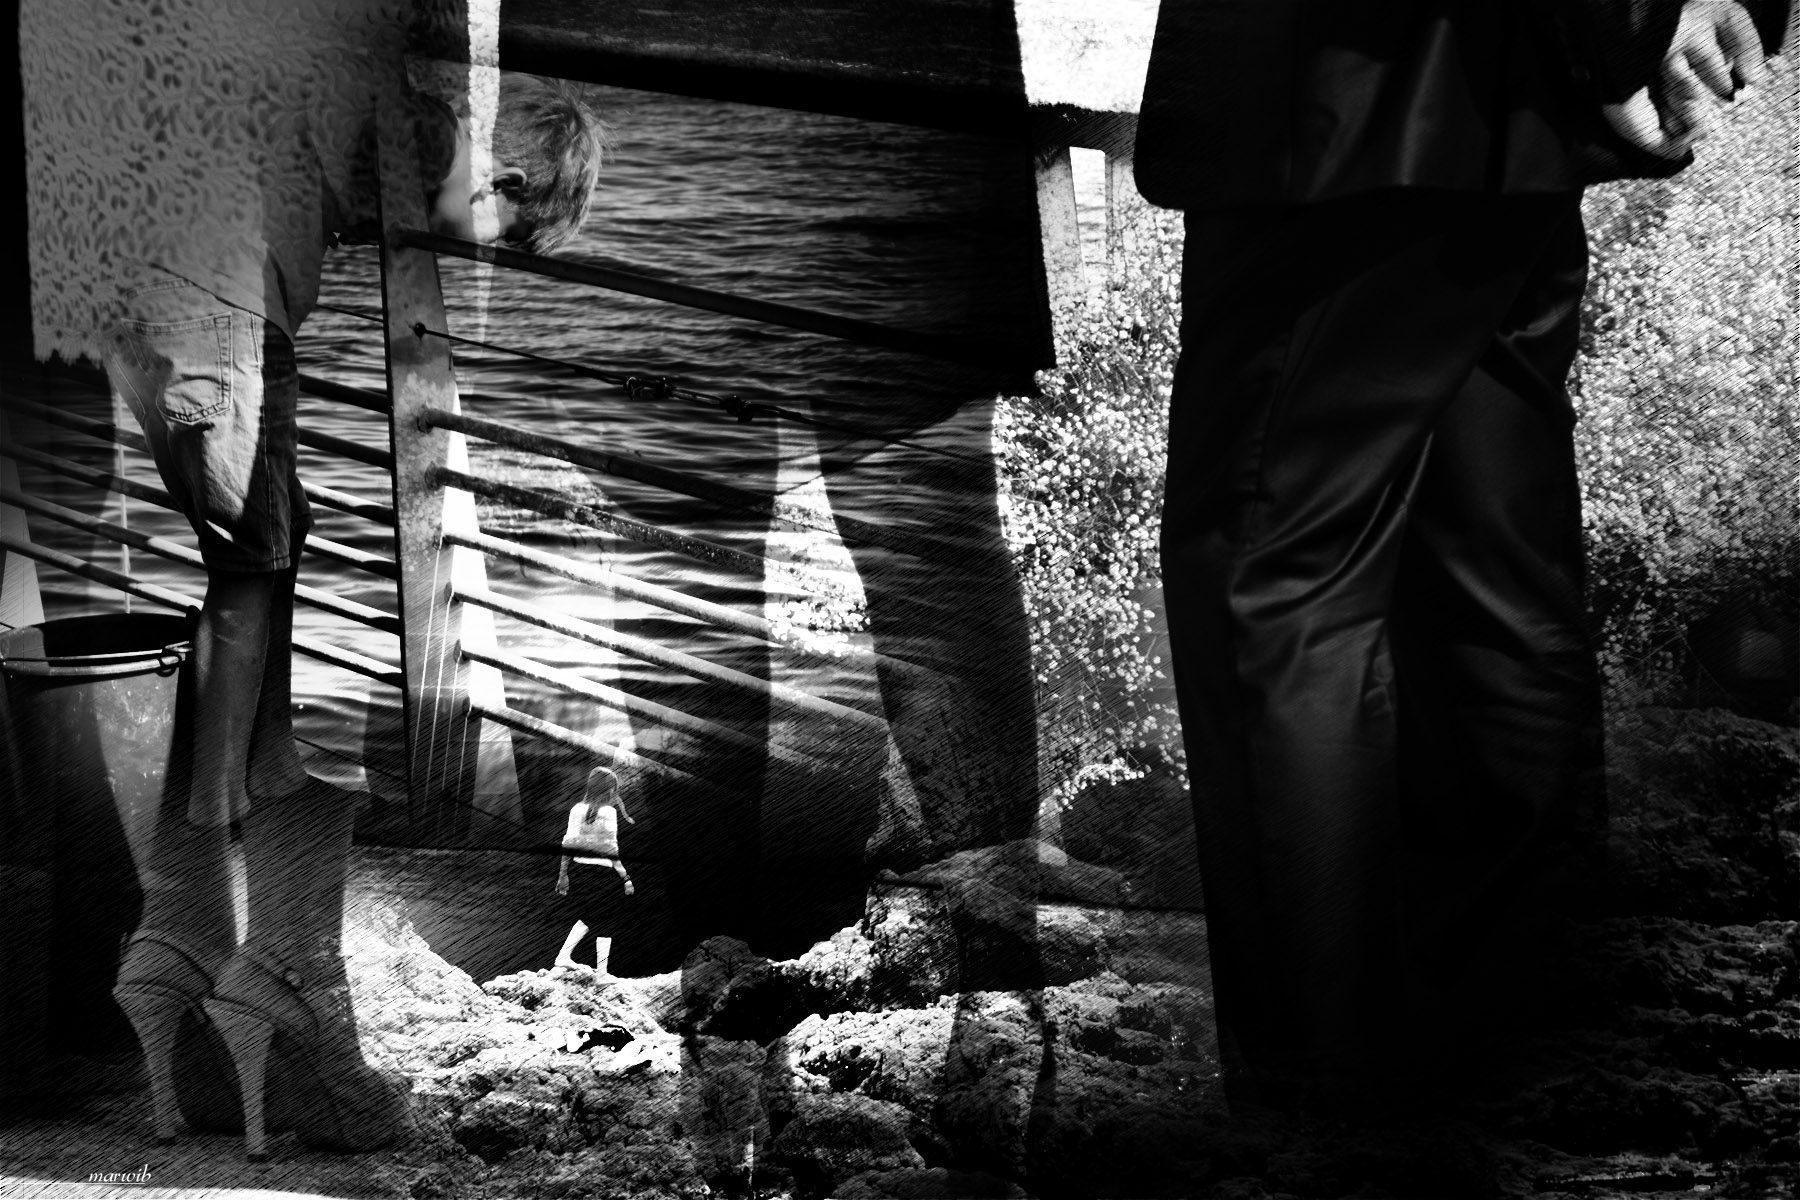 elle et lui : rencontre : photo noir et blanc sur le thème de la séduction et de ce qu'y peut s'en suivre